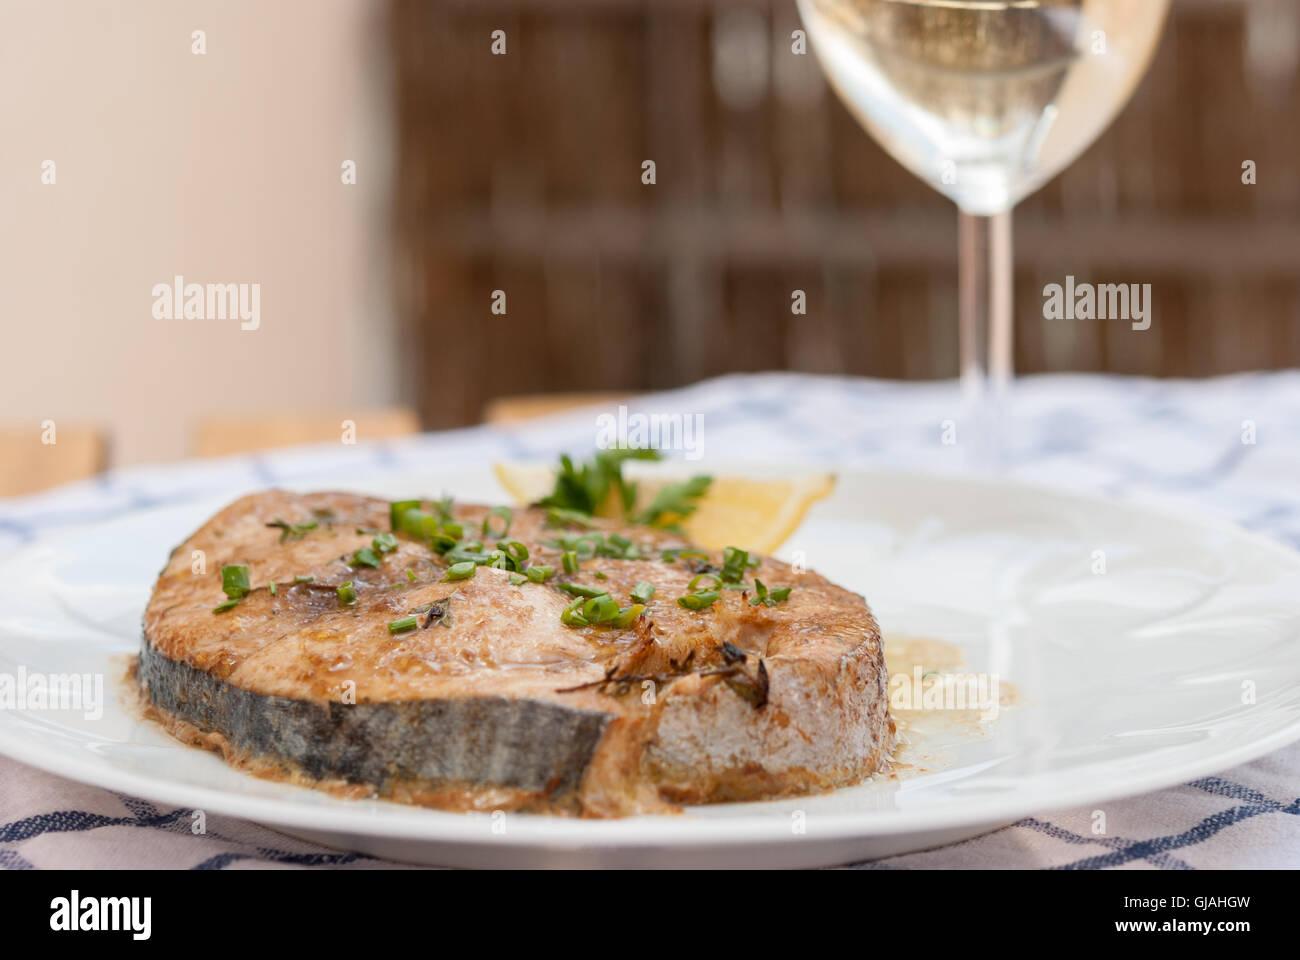 how to make baked tuna steak